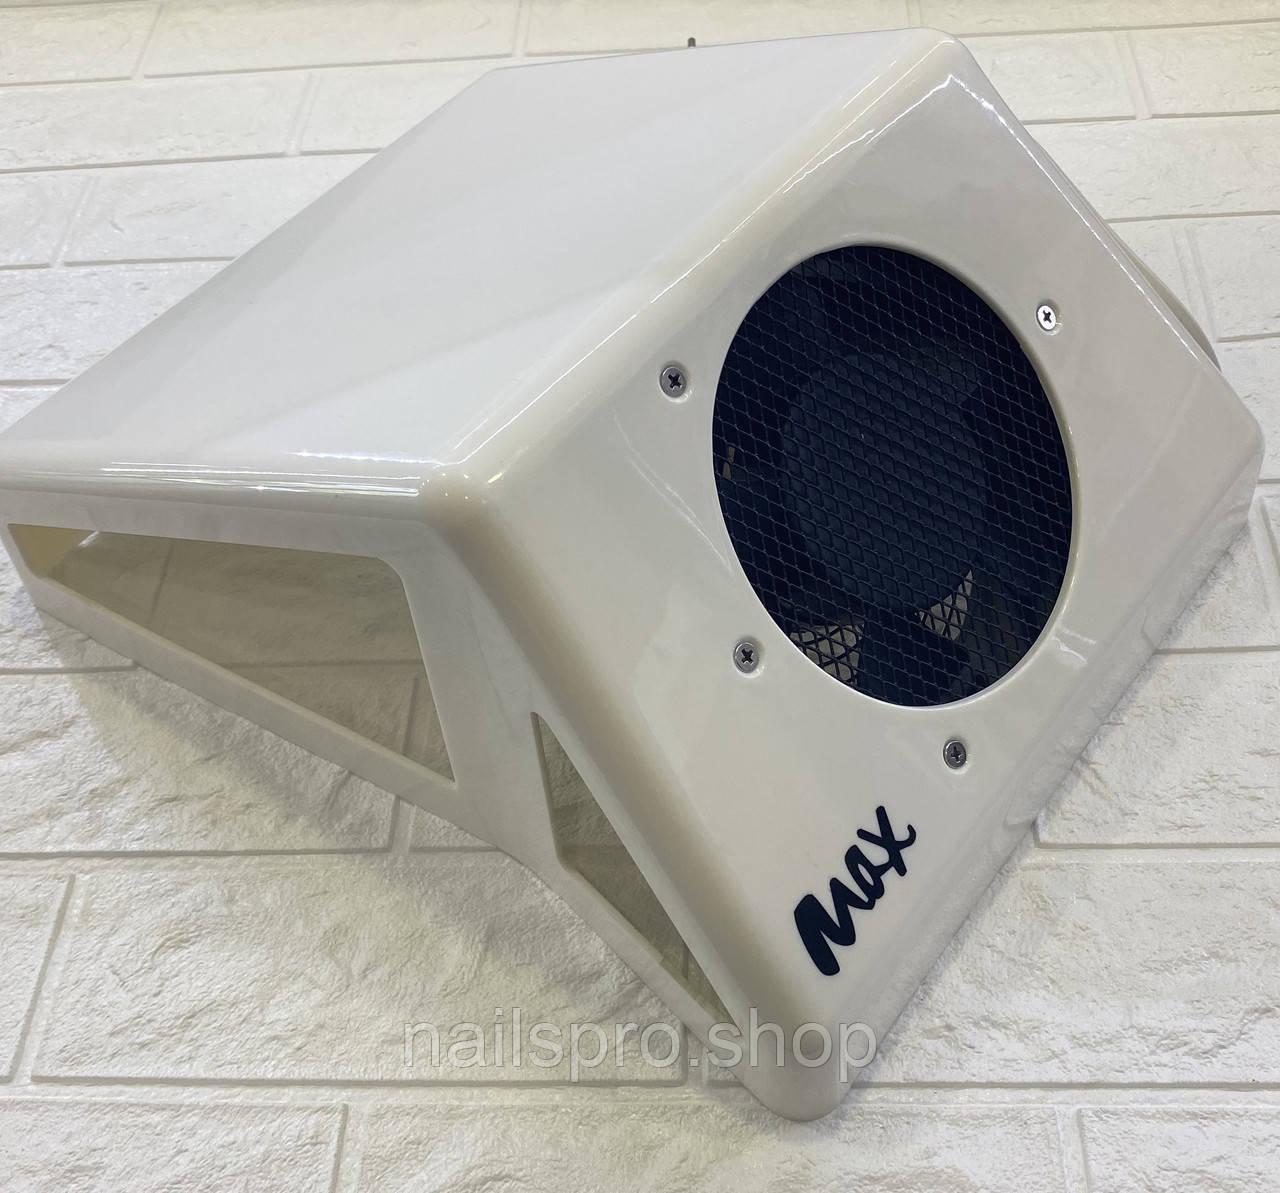 Настільна витяжка Max, супер потужна , 65 Вт.